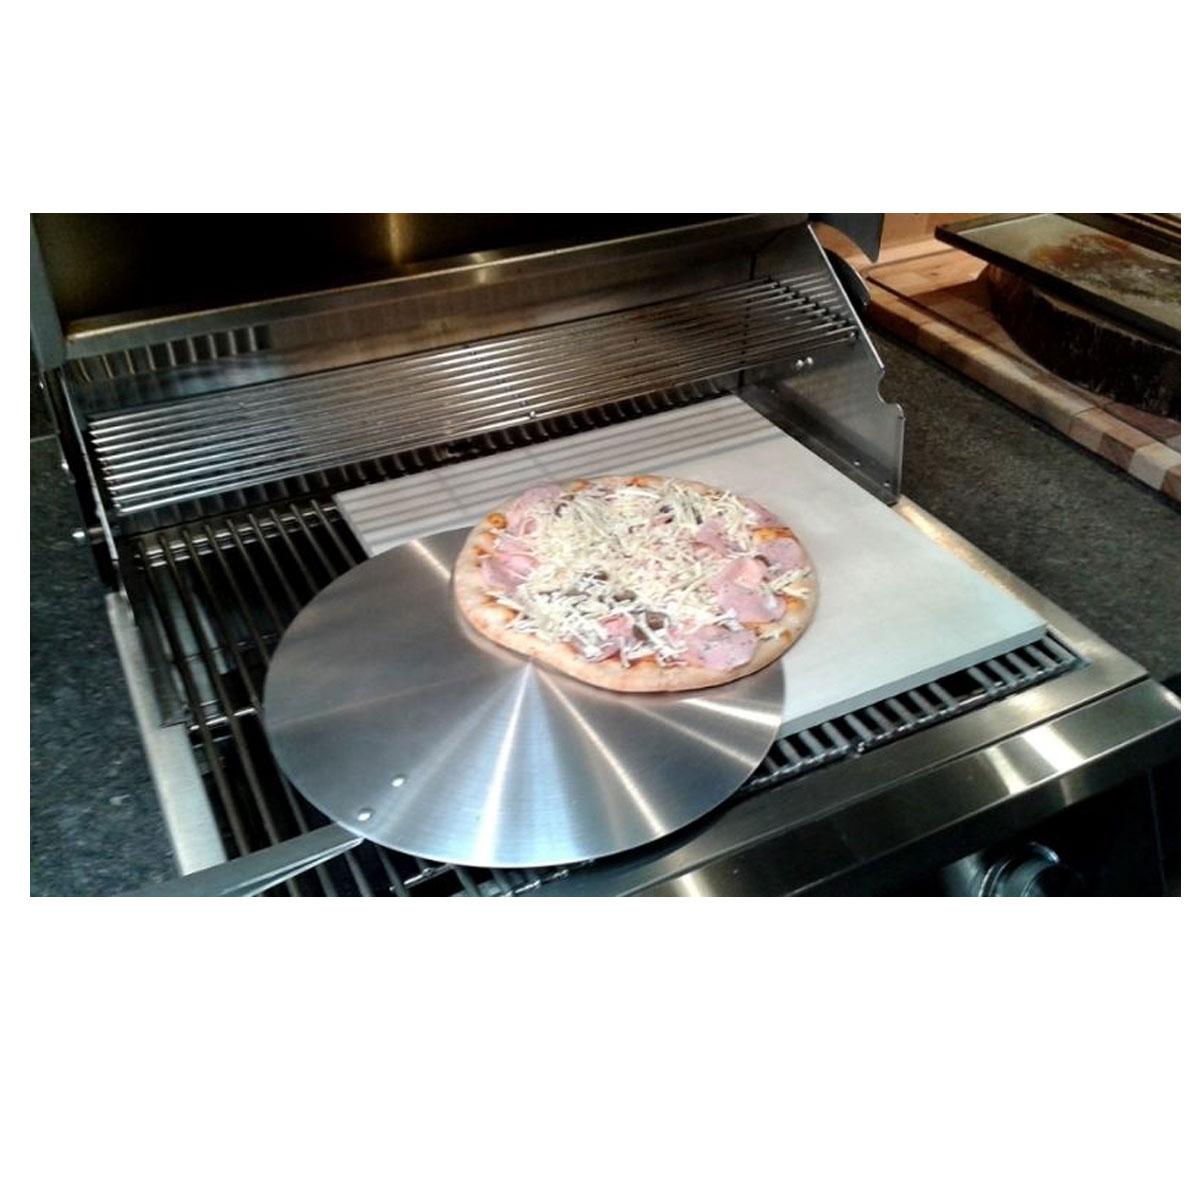 Pedra Refratária Cerâmica Quadrada Para Pizza 40x40 cm  - Sua Casa Gourmet e Cia